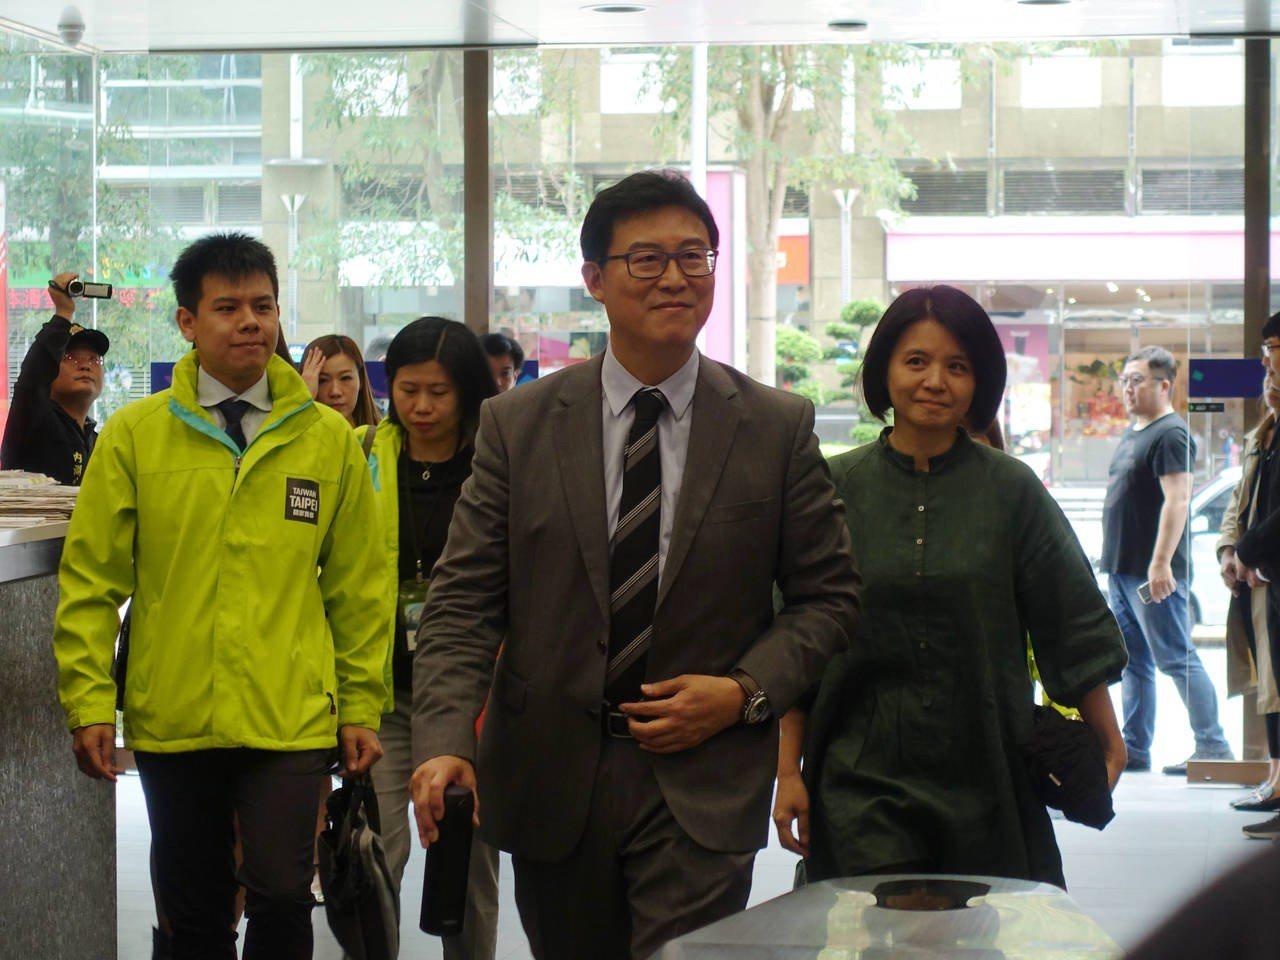 民進黨台北市長候選人姚文智和太太潘瓊琪。記者邱瓊玉/攝影